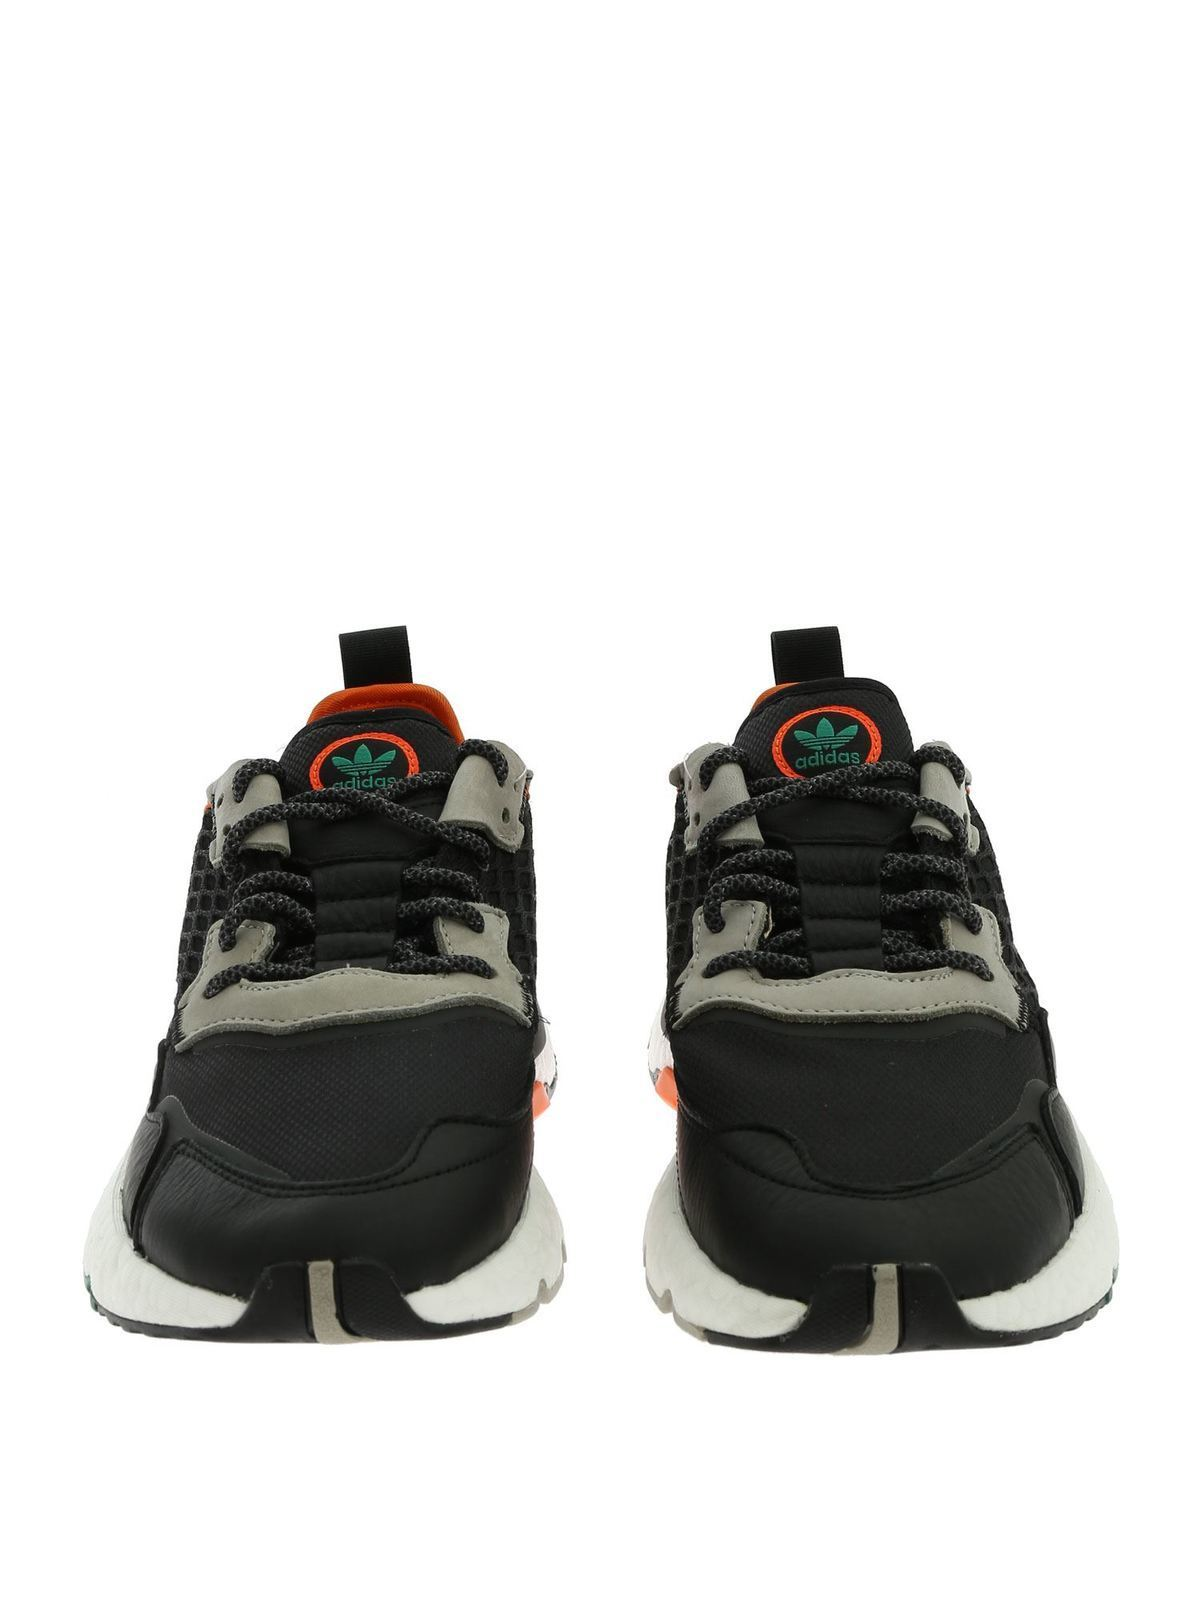 Adidas Originals - Nite Jogger sneakers